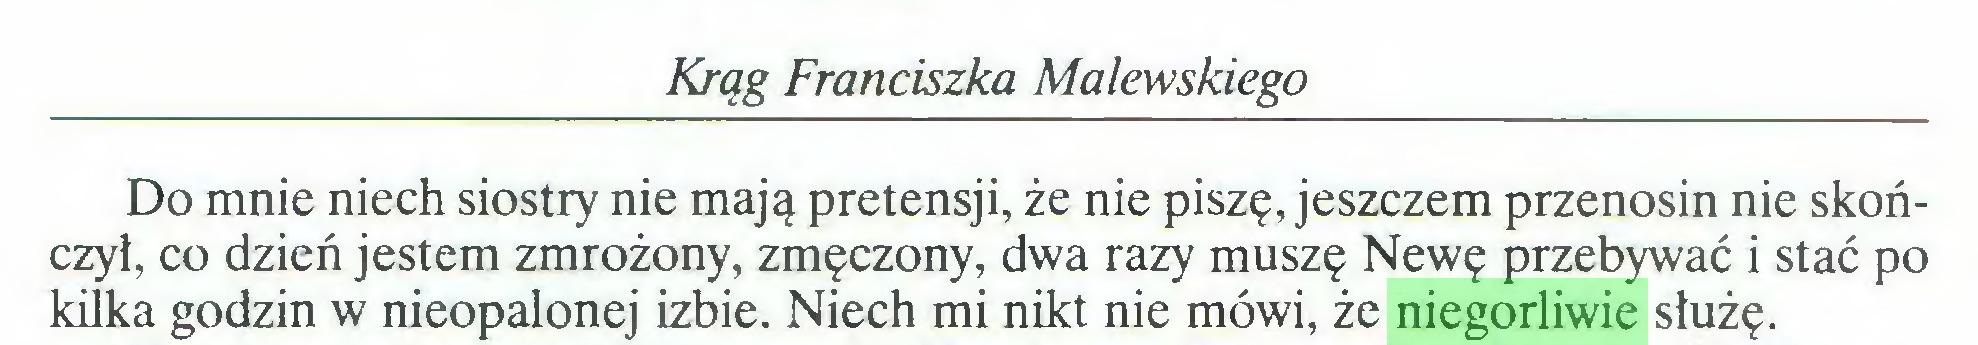 (...) Krąg Franciszka Malewskiego Do mnie niech siostry nie mają pretensji, że nie piszę, jeszczem przenosin nie skończył, co dzień jestem zmrożony, zmęczony, dwa razy muszę Newę przebywać i stać po kilka godzin w nieopalonej izbie. Niech mi nikt nie mówi, że niegorliwie służę...